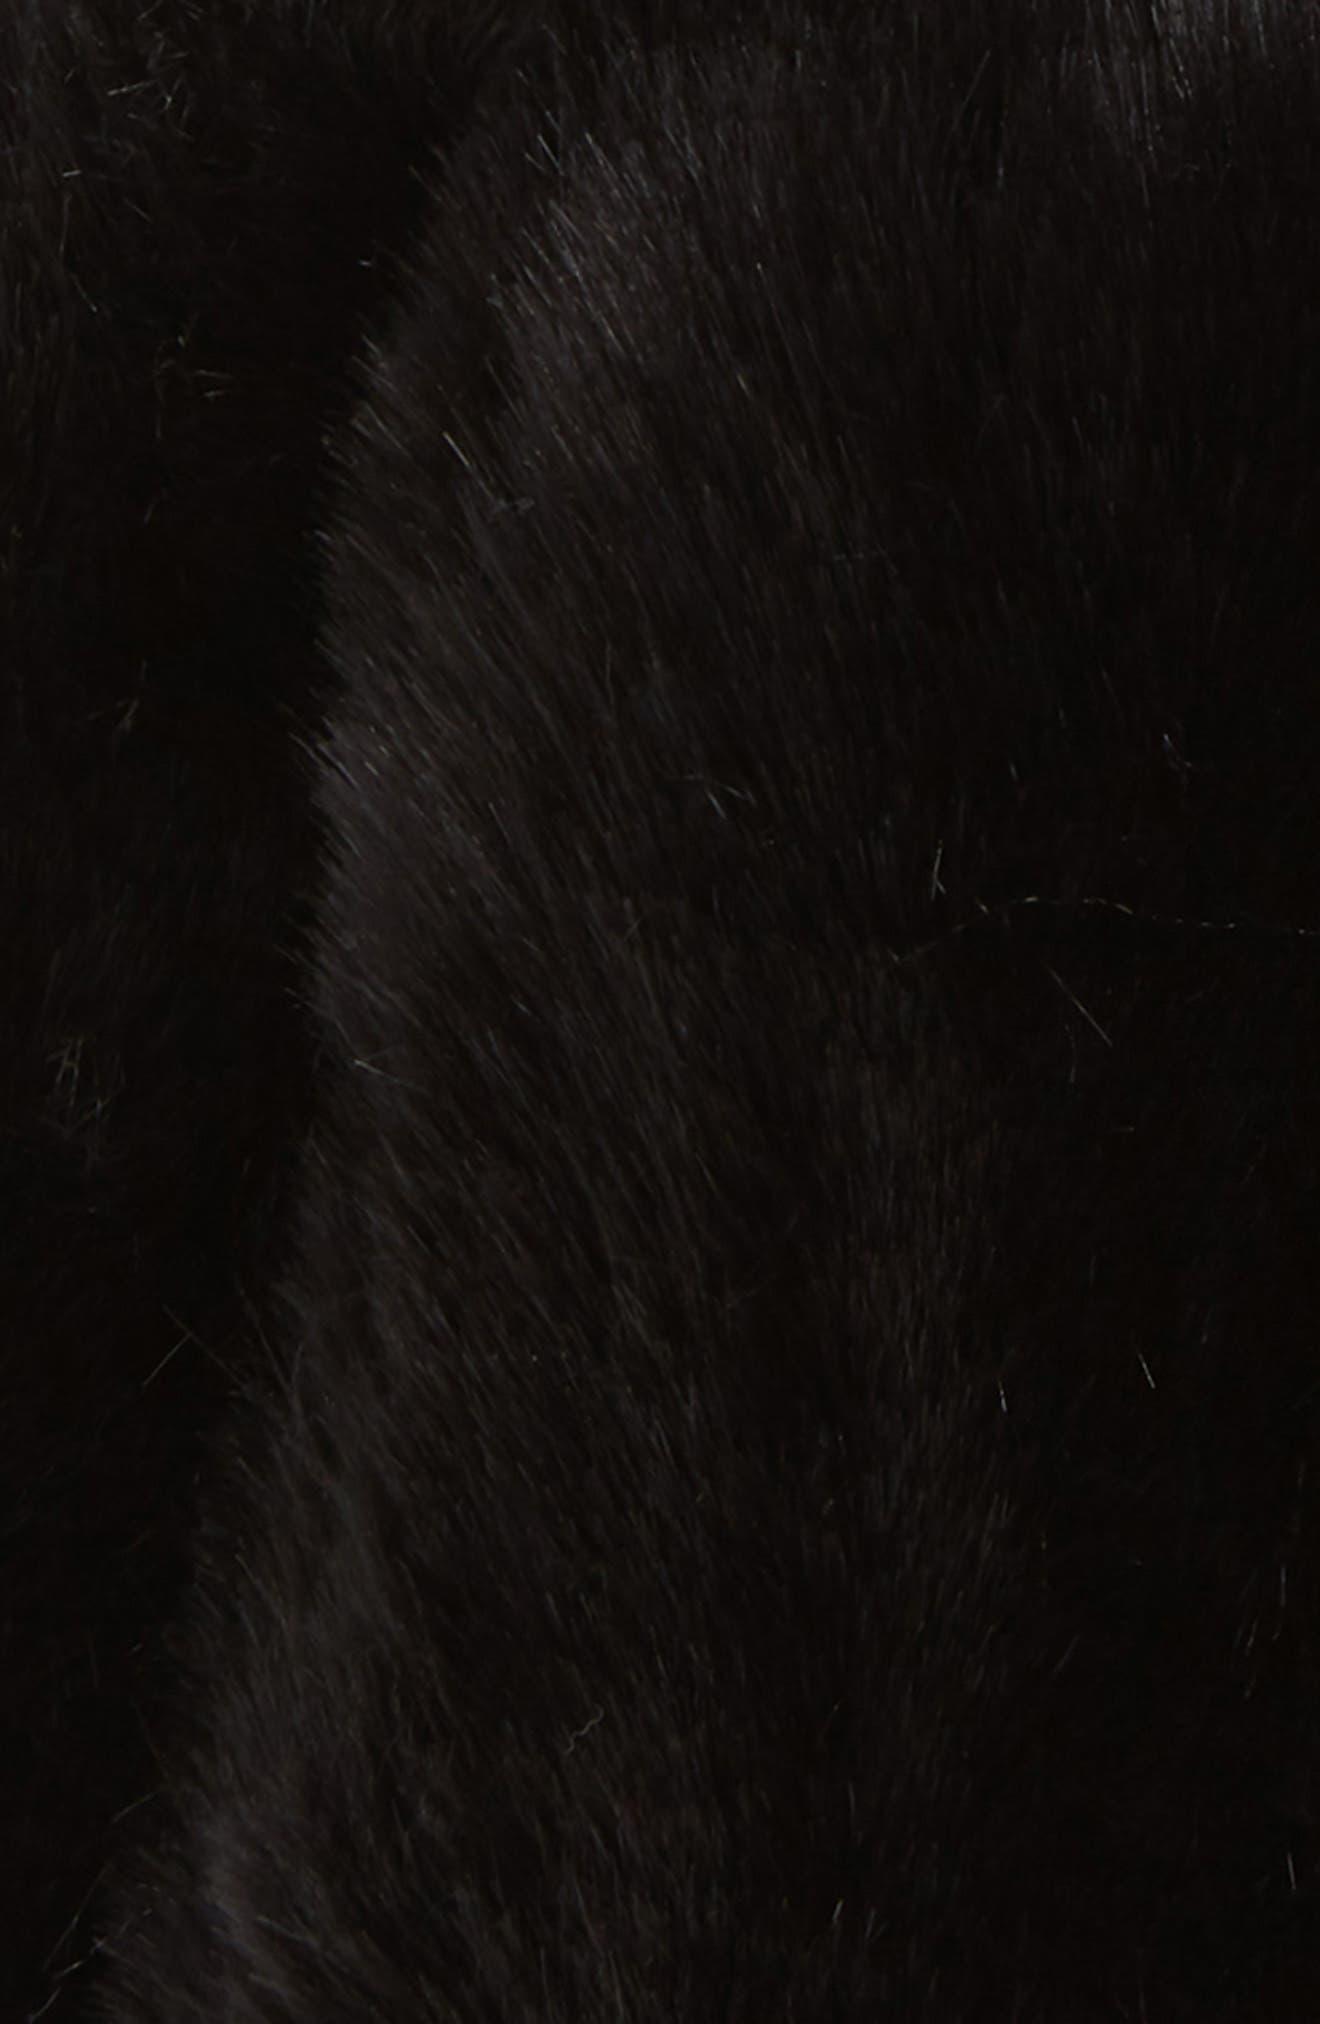 Faux Fur Oversized Pom Hat,                             Alternate thumbnail 2, color,                             001